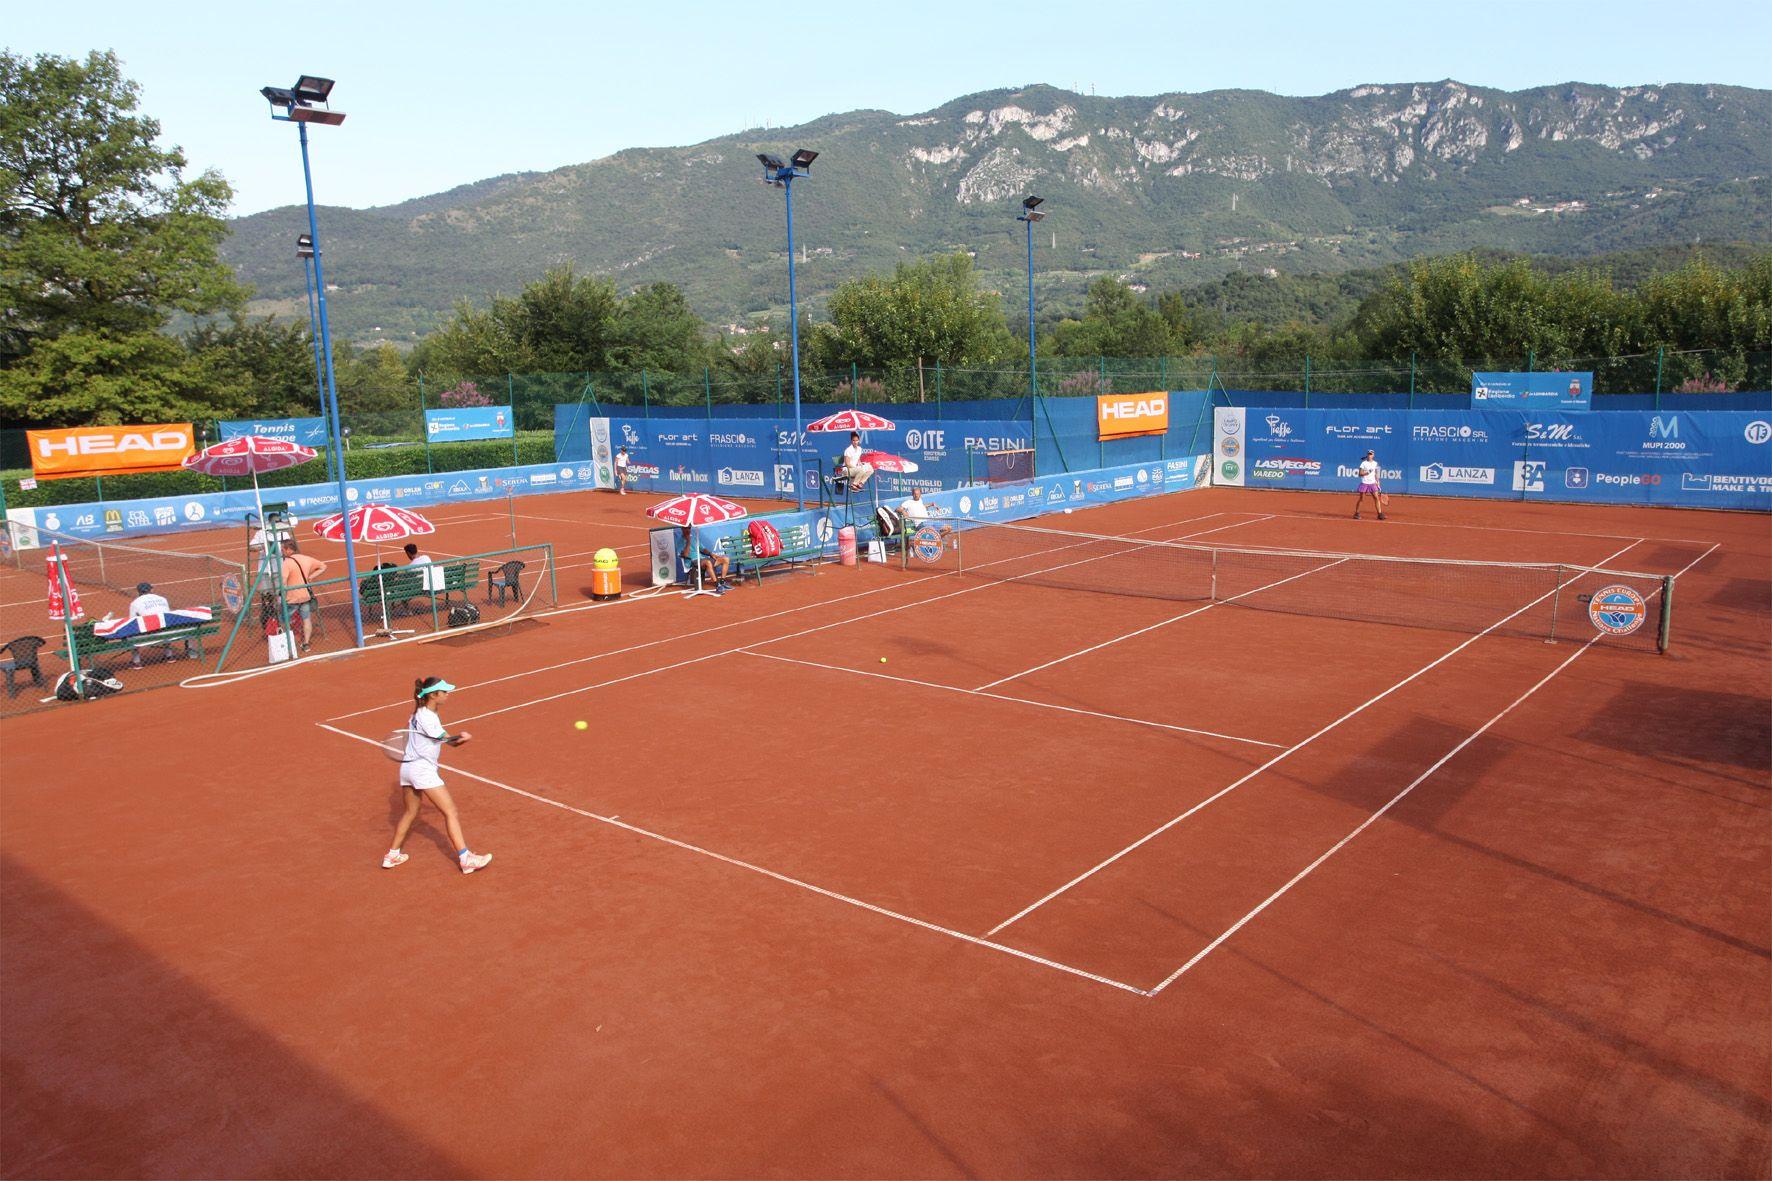 Una panoramica dei campi dell'Olimpica Tennis di Rezzato (Brescia), sede della diciassettesima edizione della Lampo Trophy Nation Cup - Grand Prix Gallerie Orler - Foto Alvaro Maffeis